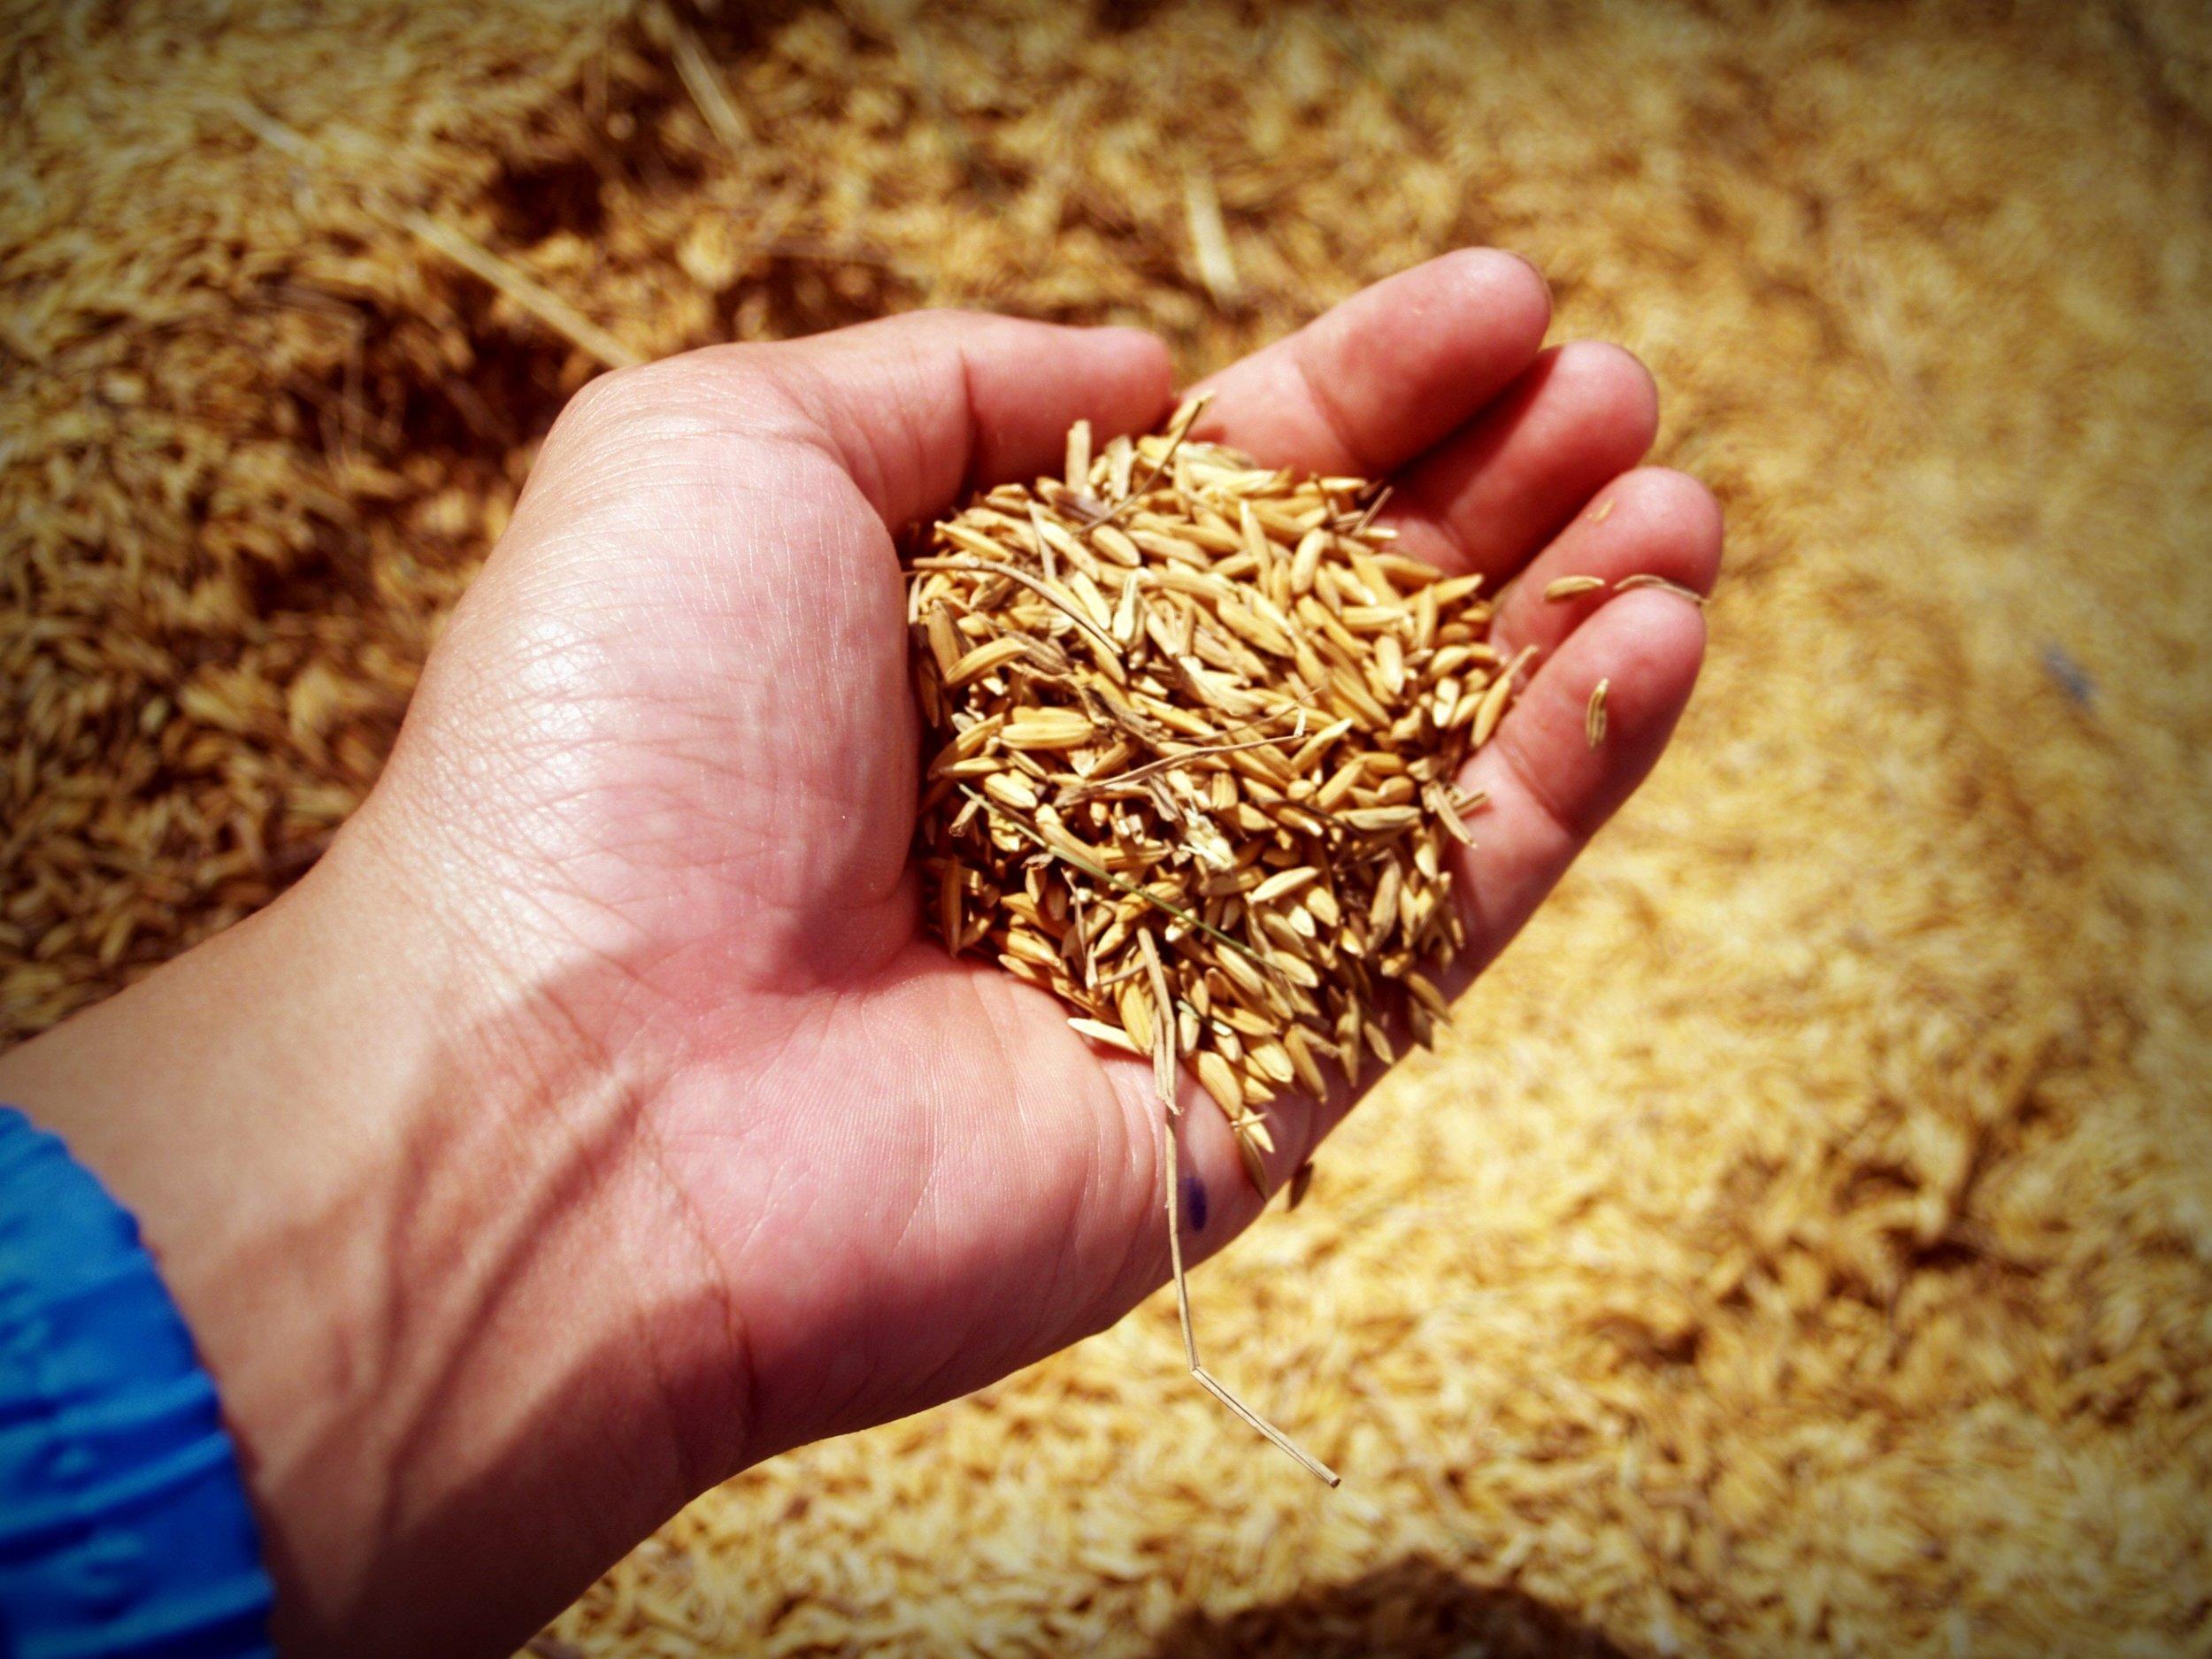 Ertragspotenzial steigern - Mit Solorrow können Sie das Ertragspotenzial Ihrer Felder optimieren und damit Ihren Gewinn steigern.Indem Sie durch teilflächenspezifische Bearbeitung jede Zone Ihres Schlags optimal mit Düngemittel versorgen, können Sie Ihren Ernteertrag steigern. Zonen mit hohem Wachstumspotenzial benötigen beispielsweise mehr Nährstoffe um Ihr volles Potenzial ausschöpfen zu können als Zonen mit niedrigerem Wachstumspotenzial.Mehr über die optimierten Dosierung und die Erstellung einer individuellen Applikationskarte finden Sie hier.